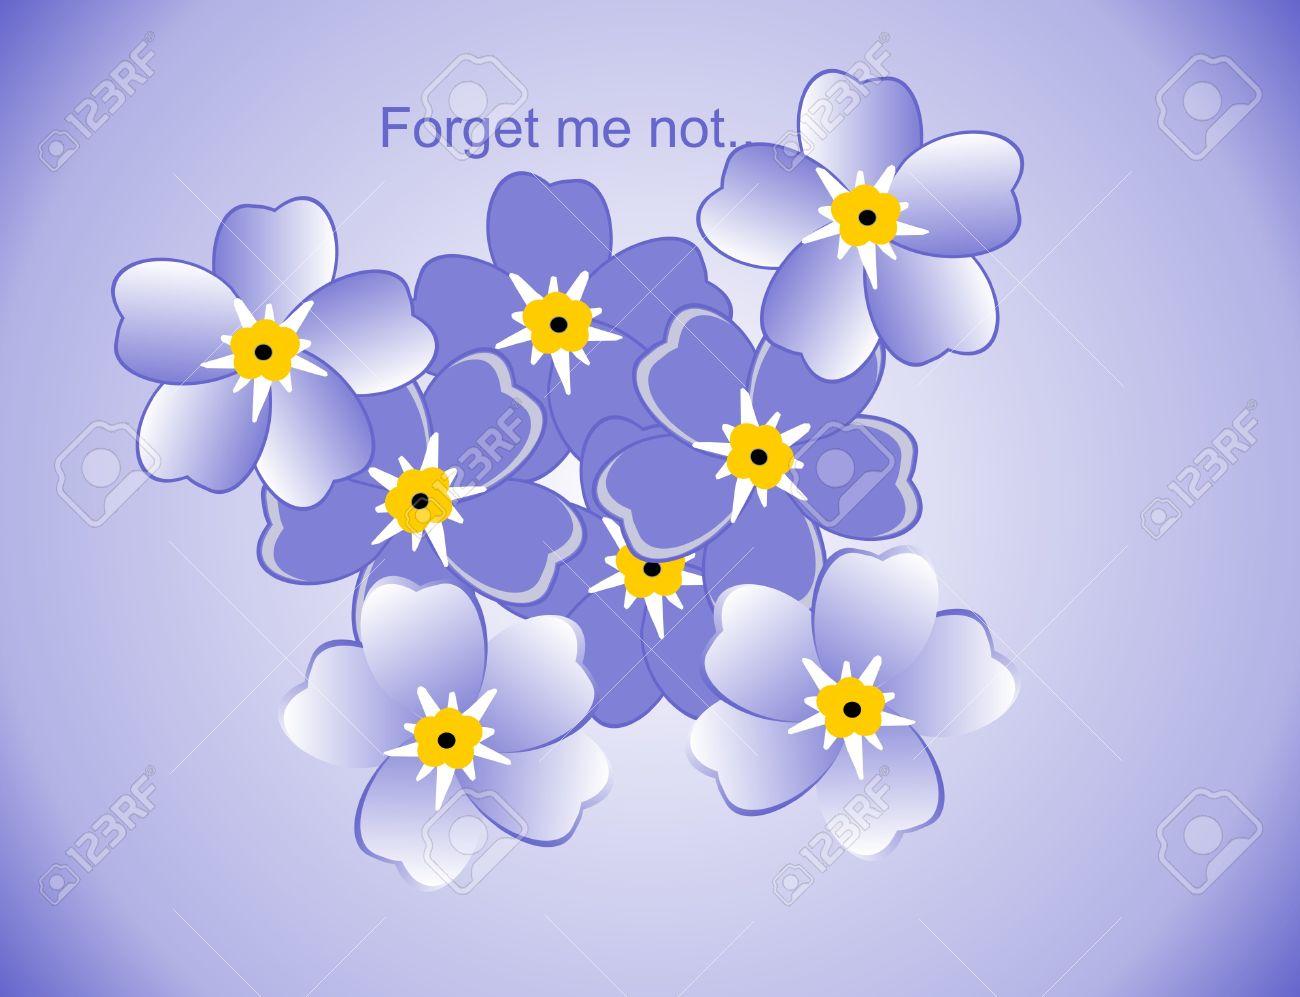 Coloriage Fleur Myosotis.Fleurs Bleus Myosotis Alpestris Appeles Forget Me Not